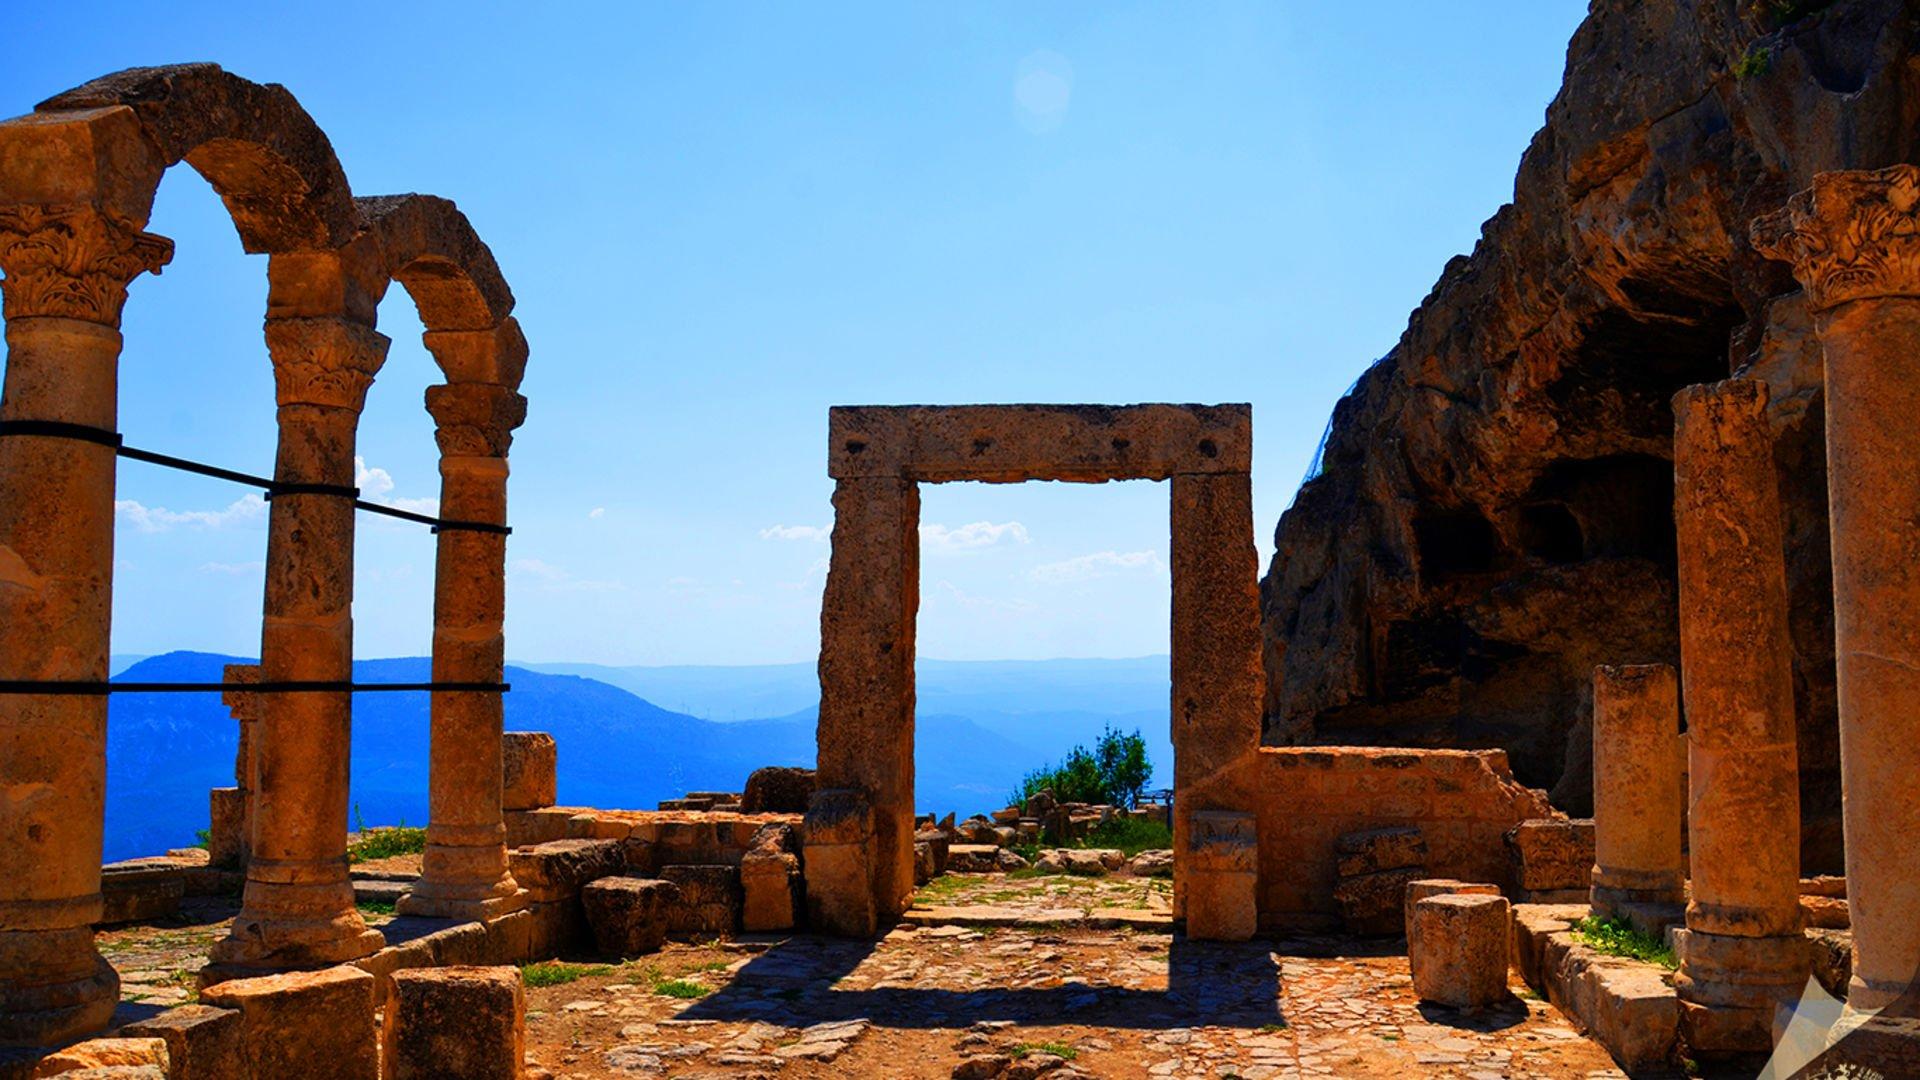 Kültürel ve doğal miraslarımız V (Alahan Manastırı)